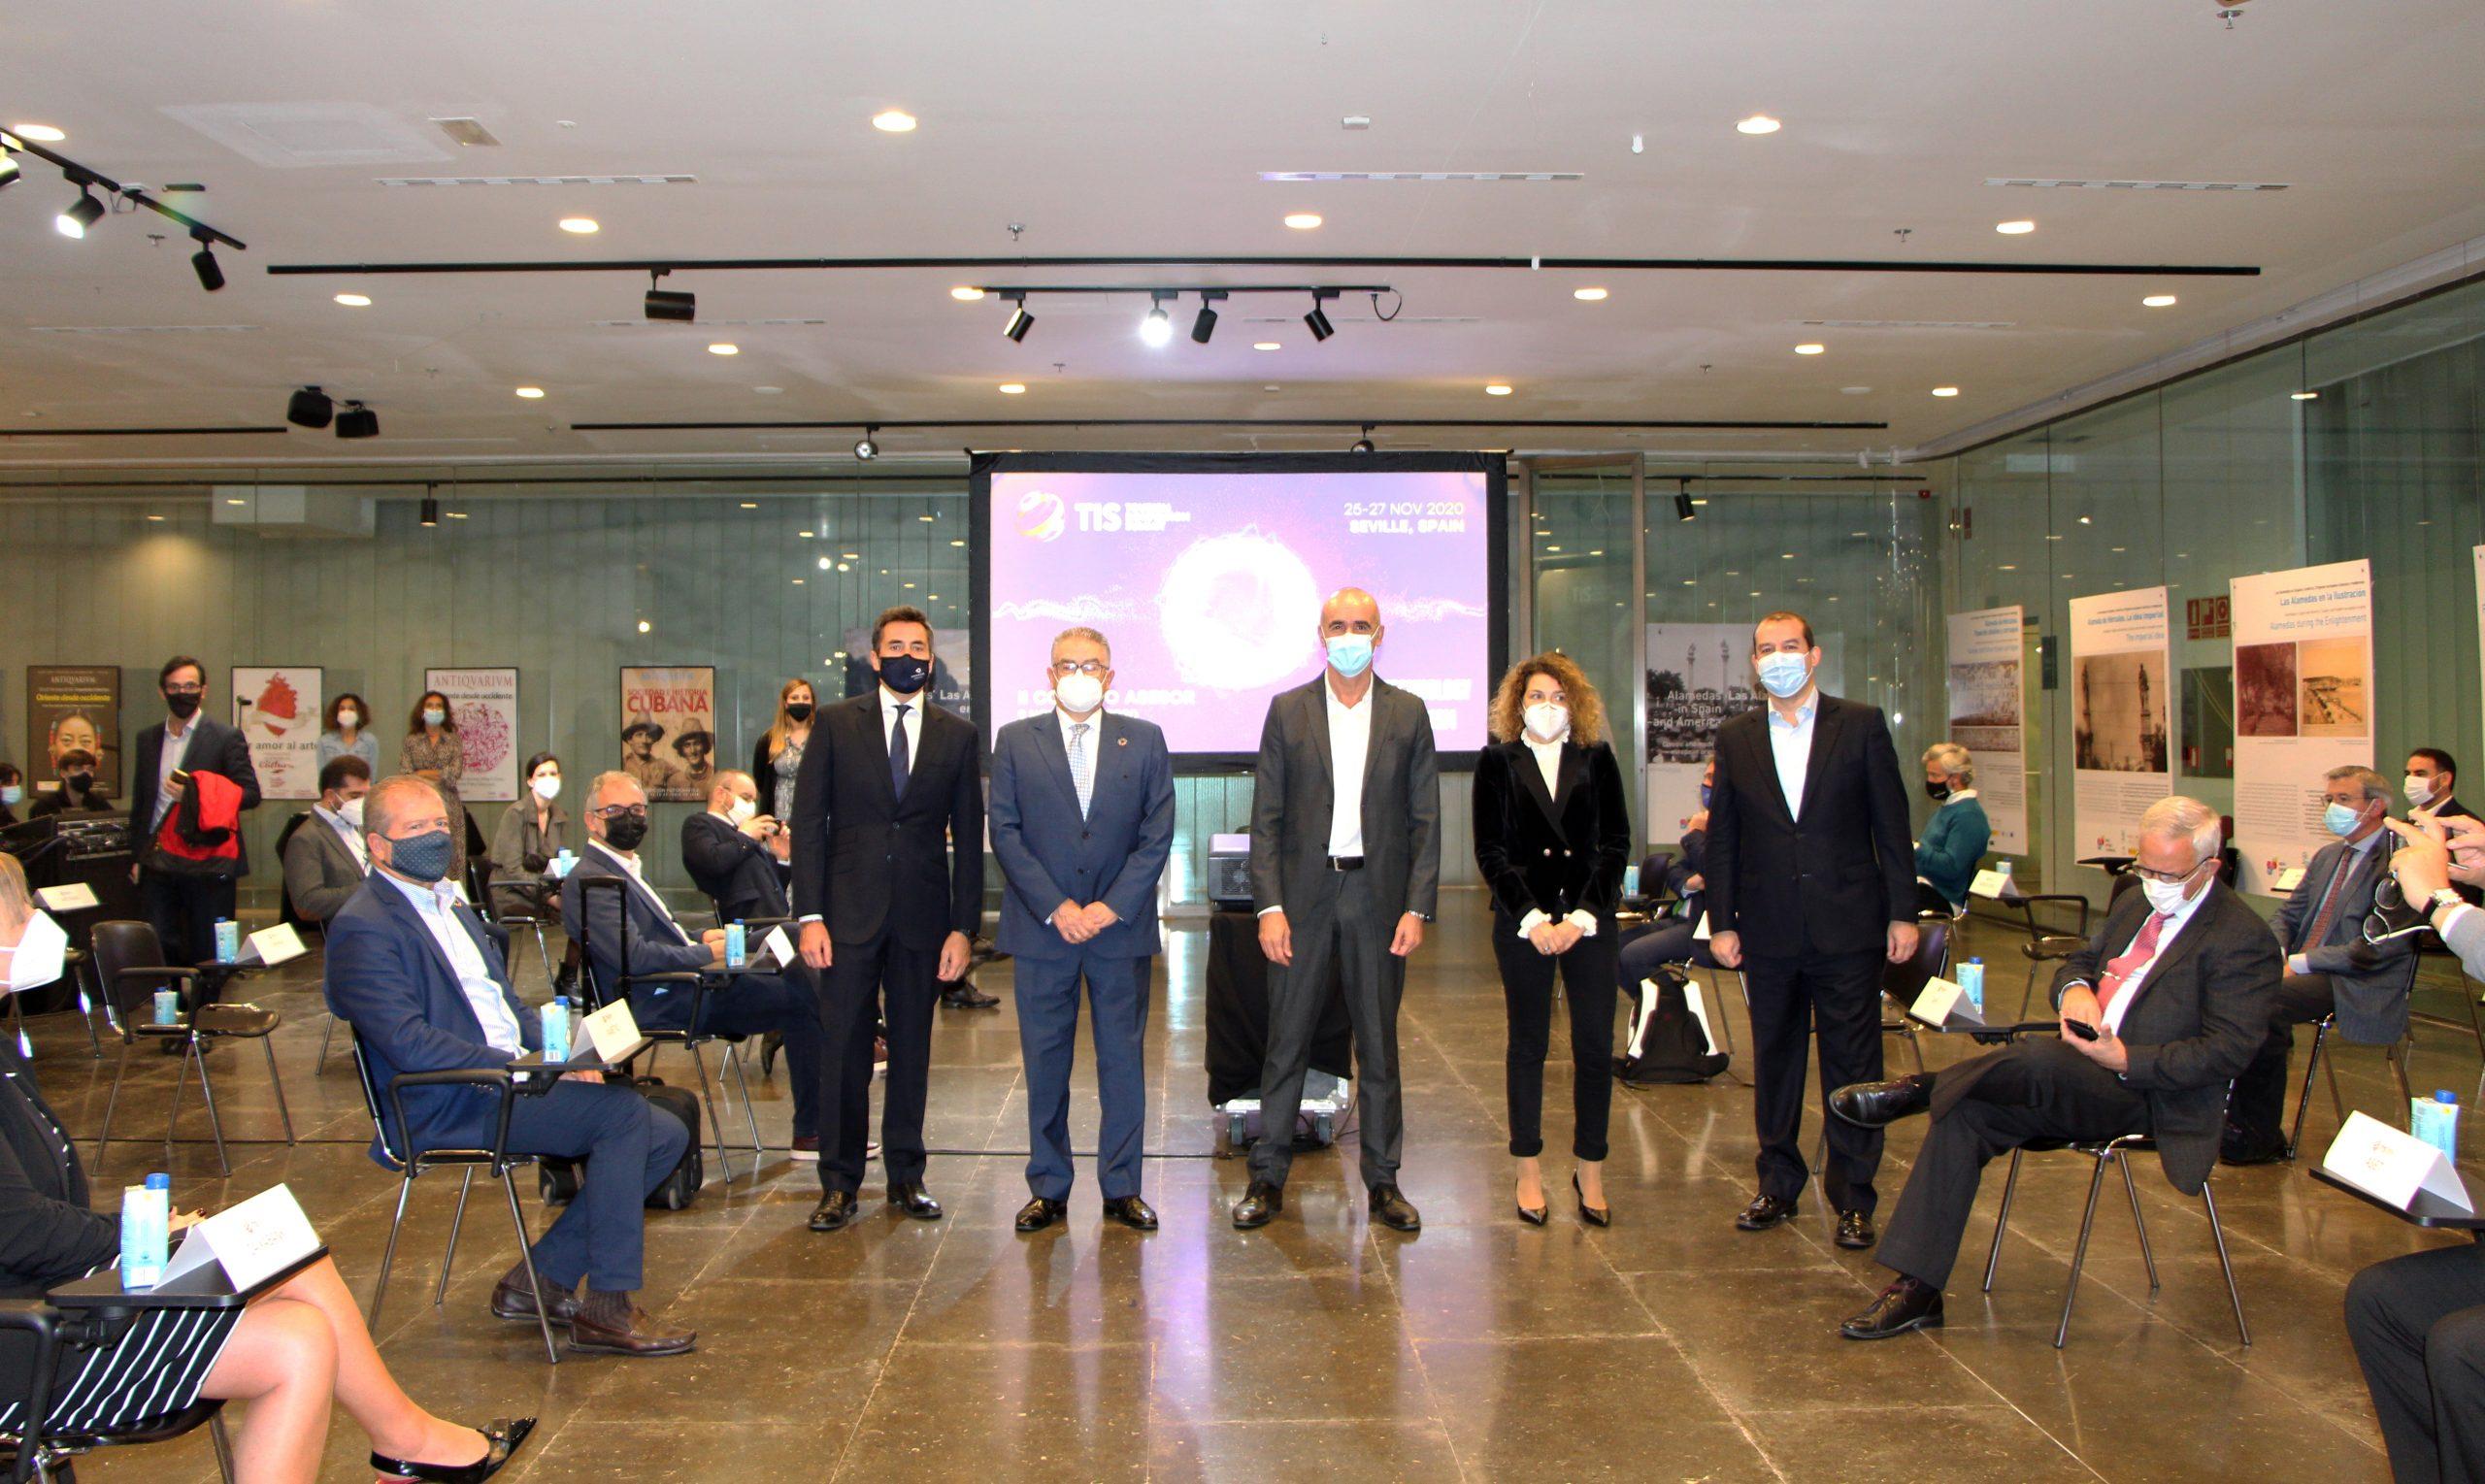 El sector turístico acuerda la celebración de TIS – Tourism Innovation Summit 2020 como instrumento para definir la reactivación del turismo